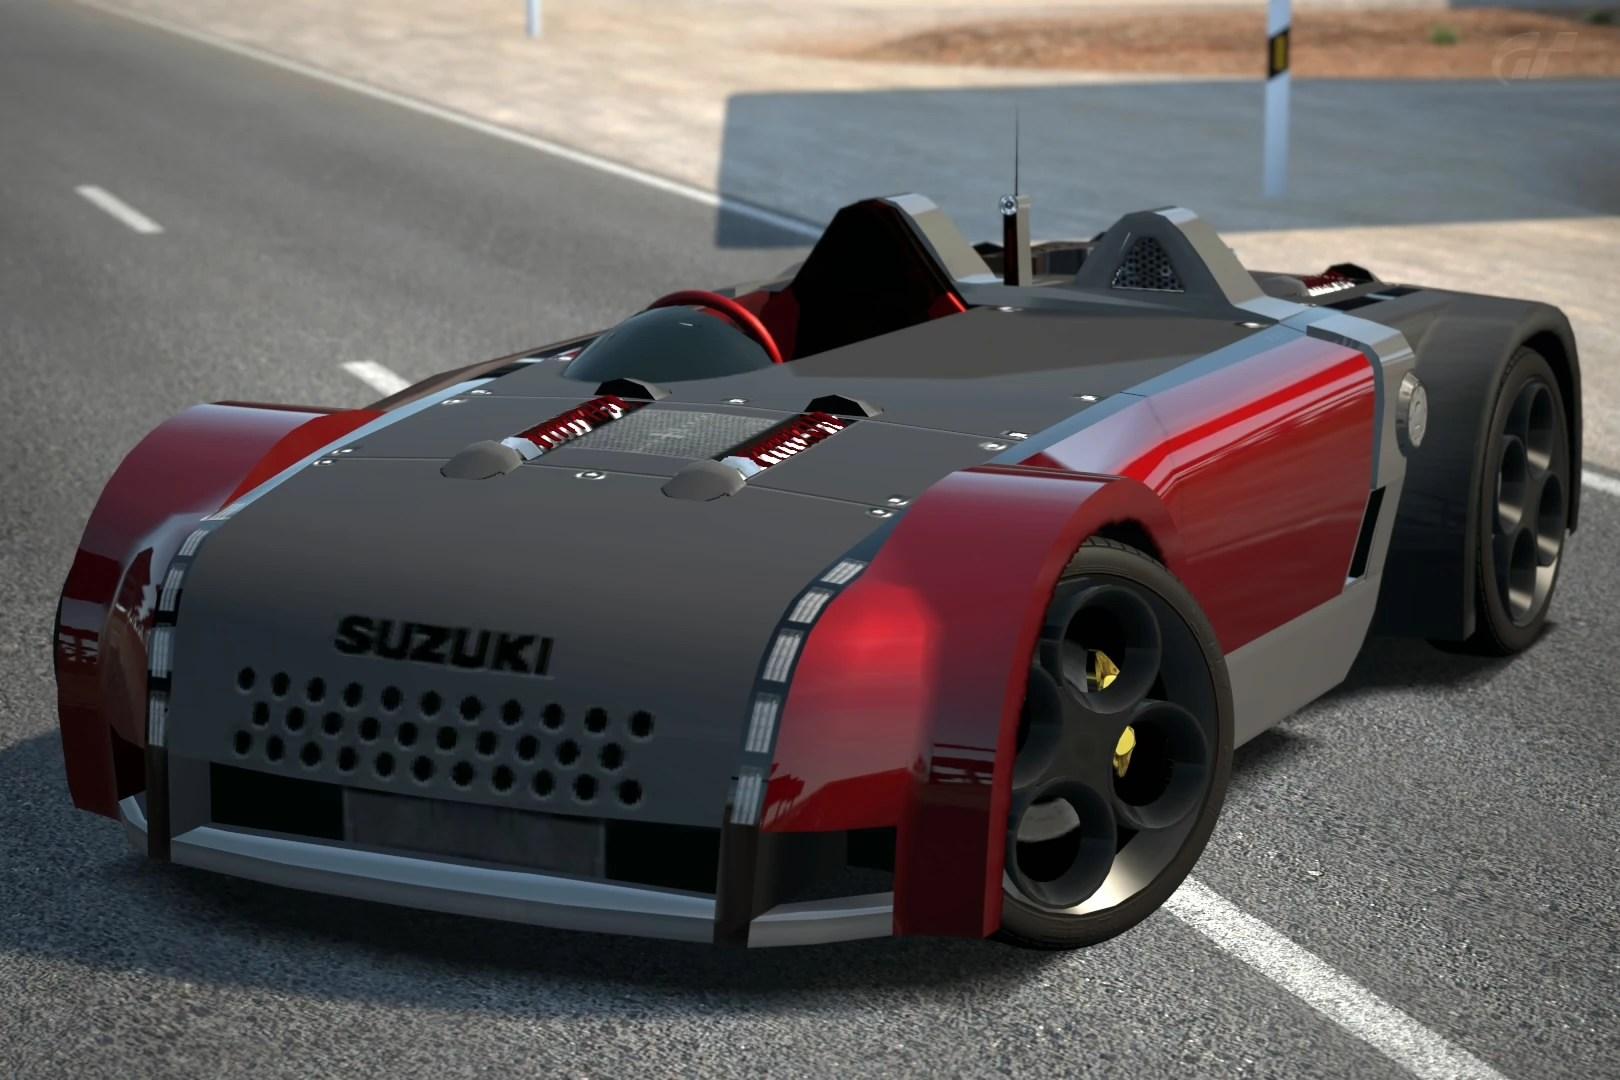 medium resolution of suzuki gsx r 4 concept 01